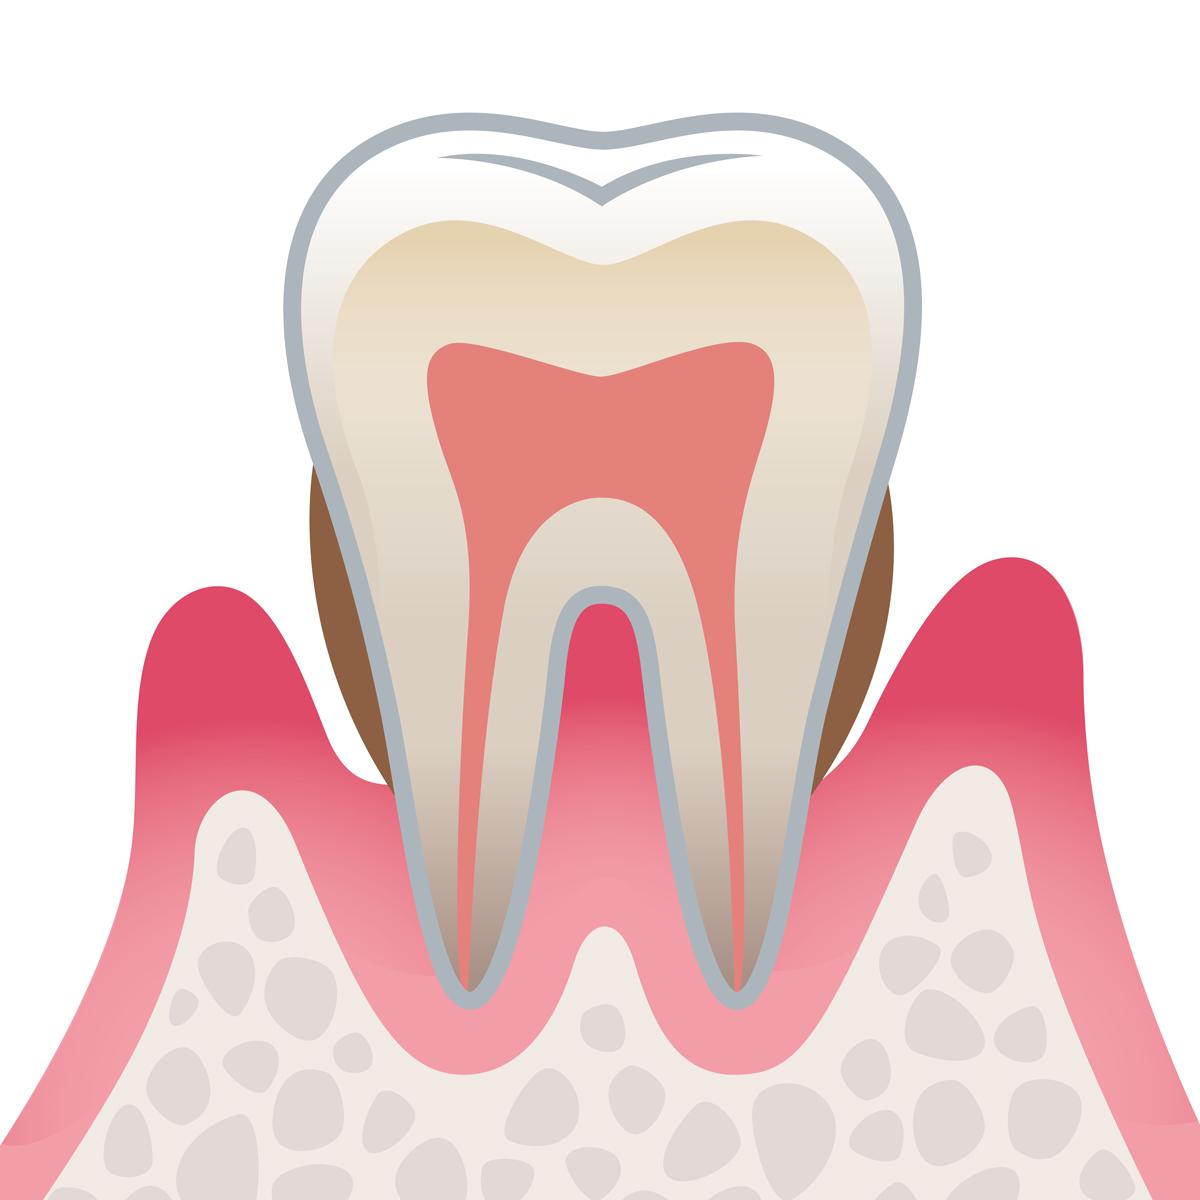 岡山県岡山市北区の歯医者 たんじフレンド歯科 歯周病 中度歯周病